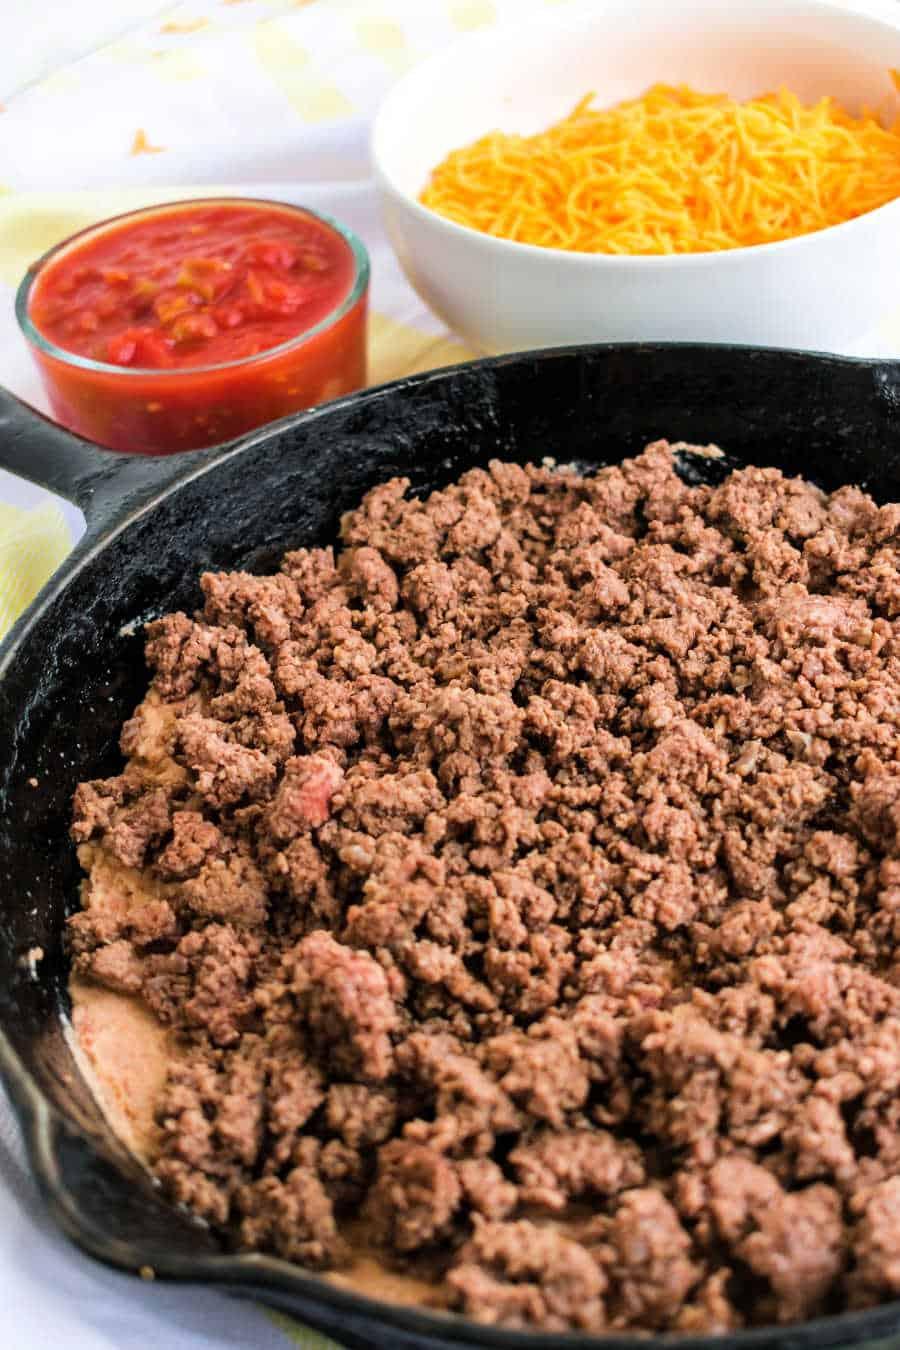 Burrito bake layers